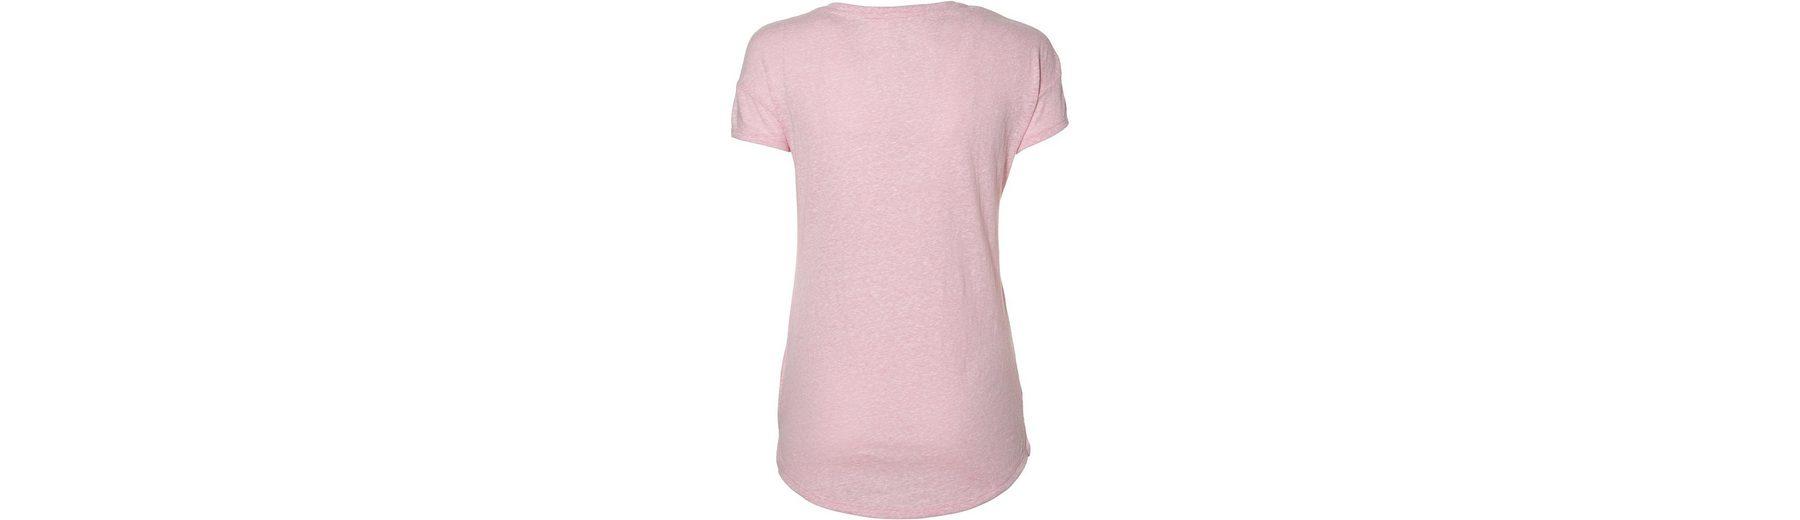 Niedriger Preis Online Großer Verkauf Zum Verkauf O'Neill T-Shirt Essentials Freies Verschiffen Heißen Verkauf NqRJLsbXJ